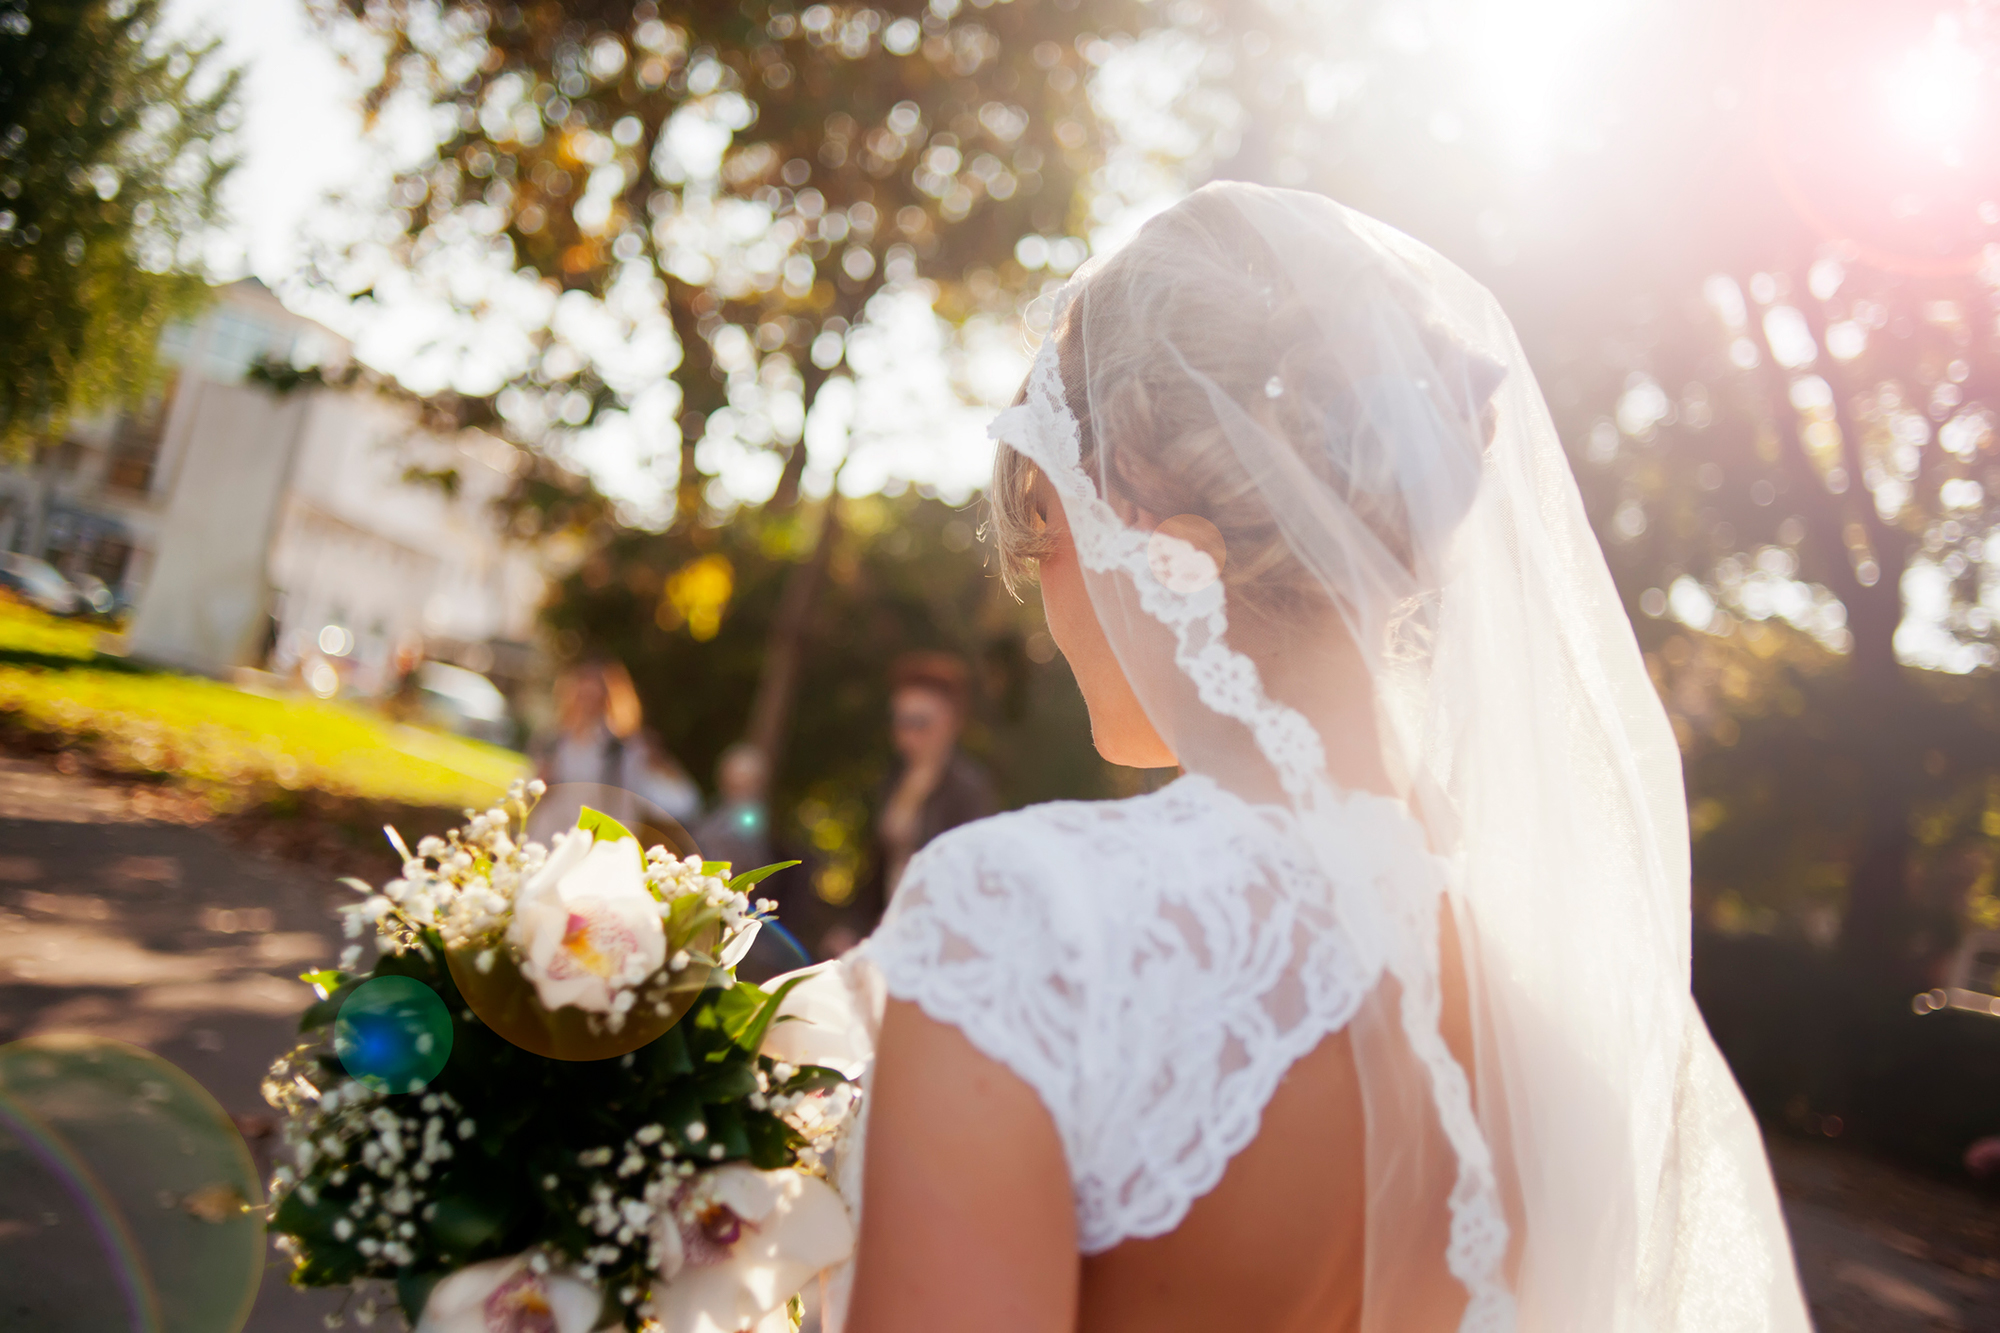 Welcher Brautkleid-Typ sind Sie? Die Top 6 Styles für 2016